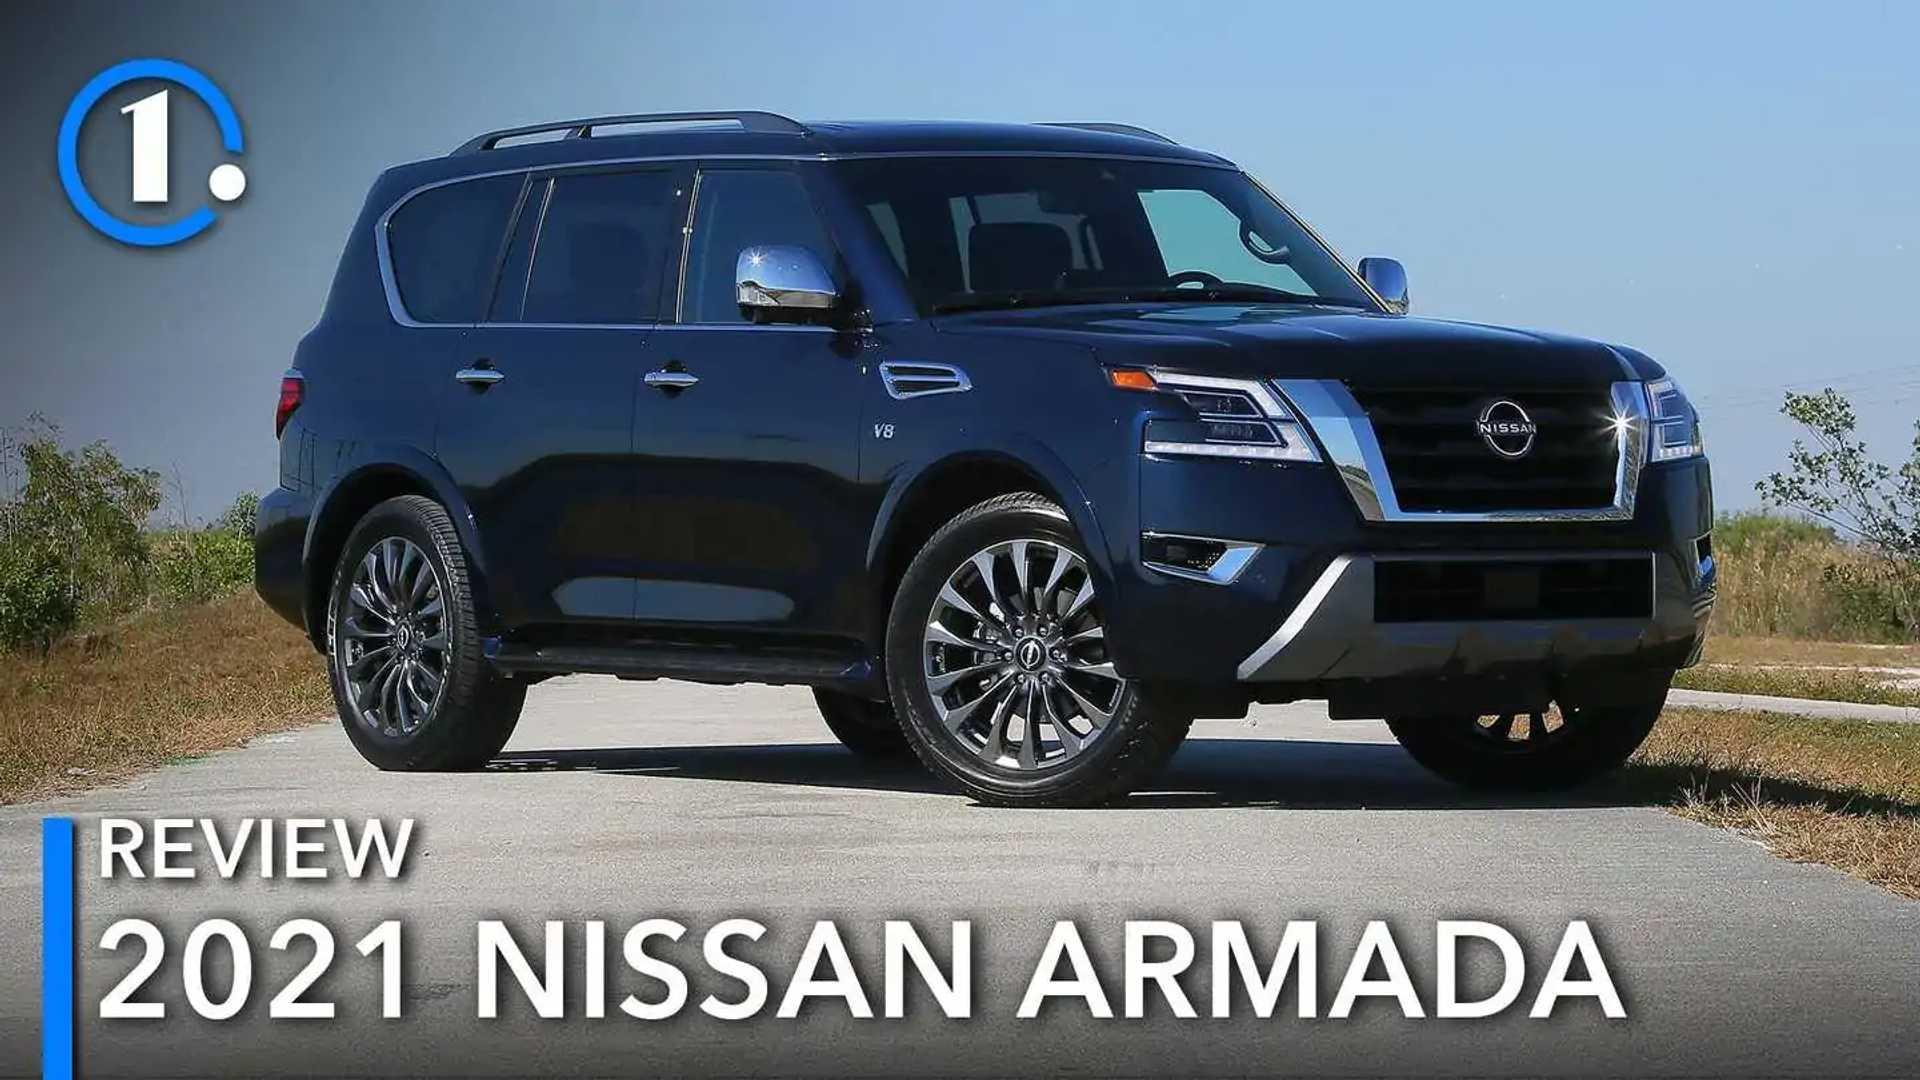 Обзор Nissan Armada 2021 года: грузовик с большим количеством технологий